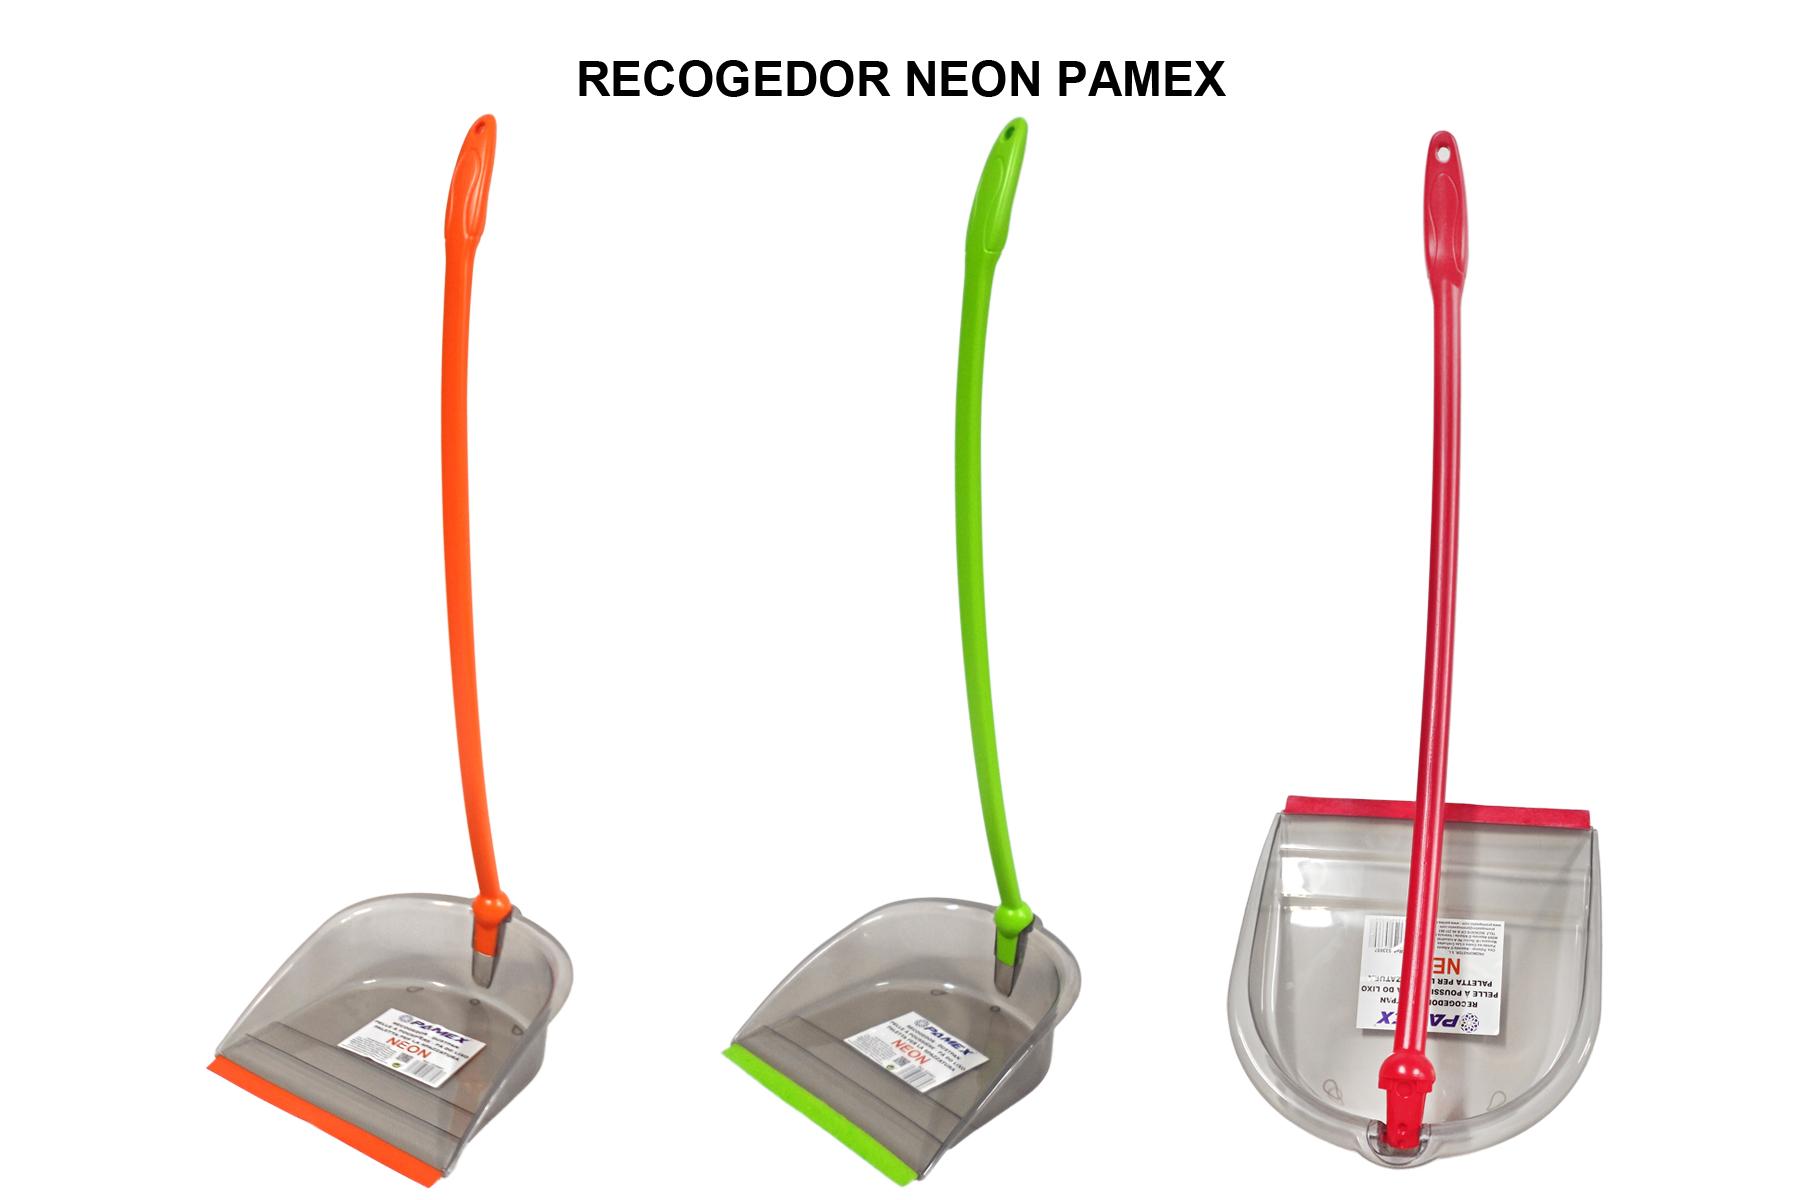 RECOGEDOR NEON PAMEX